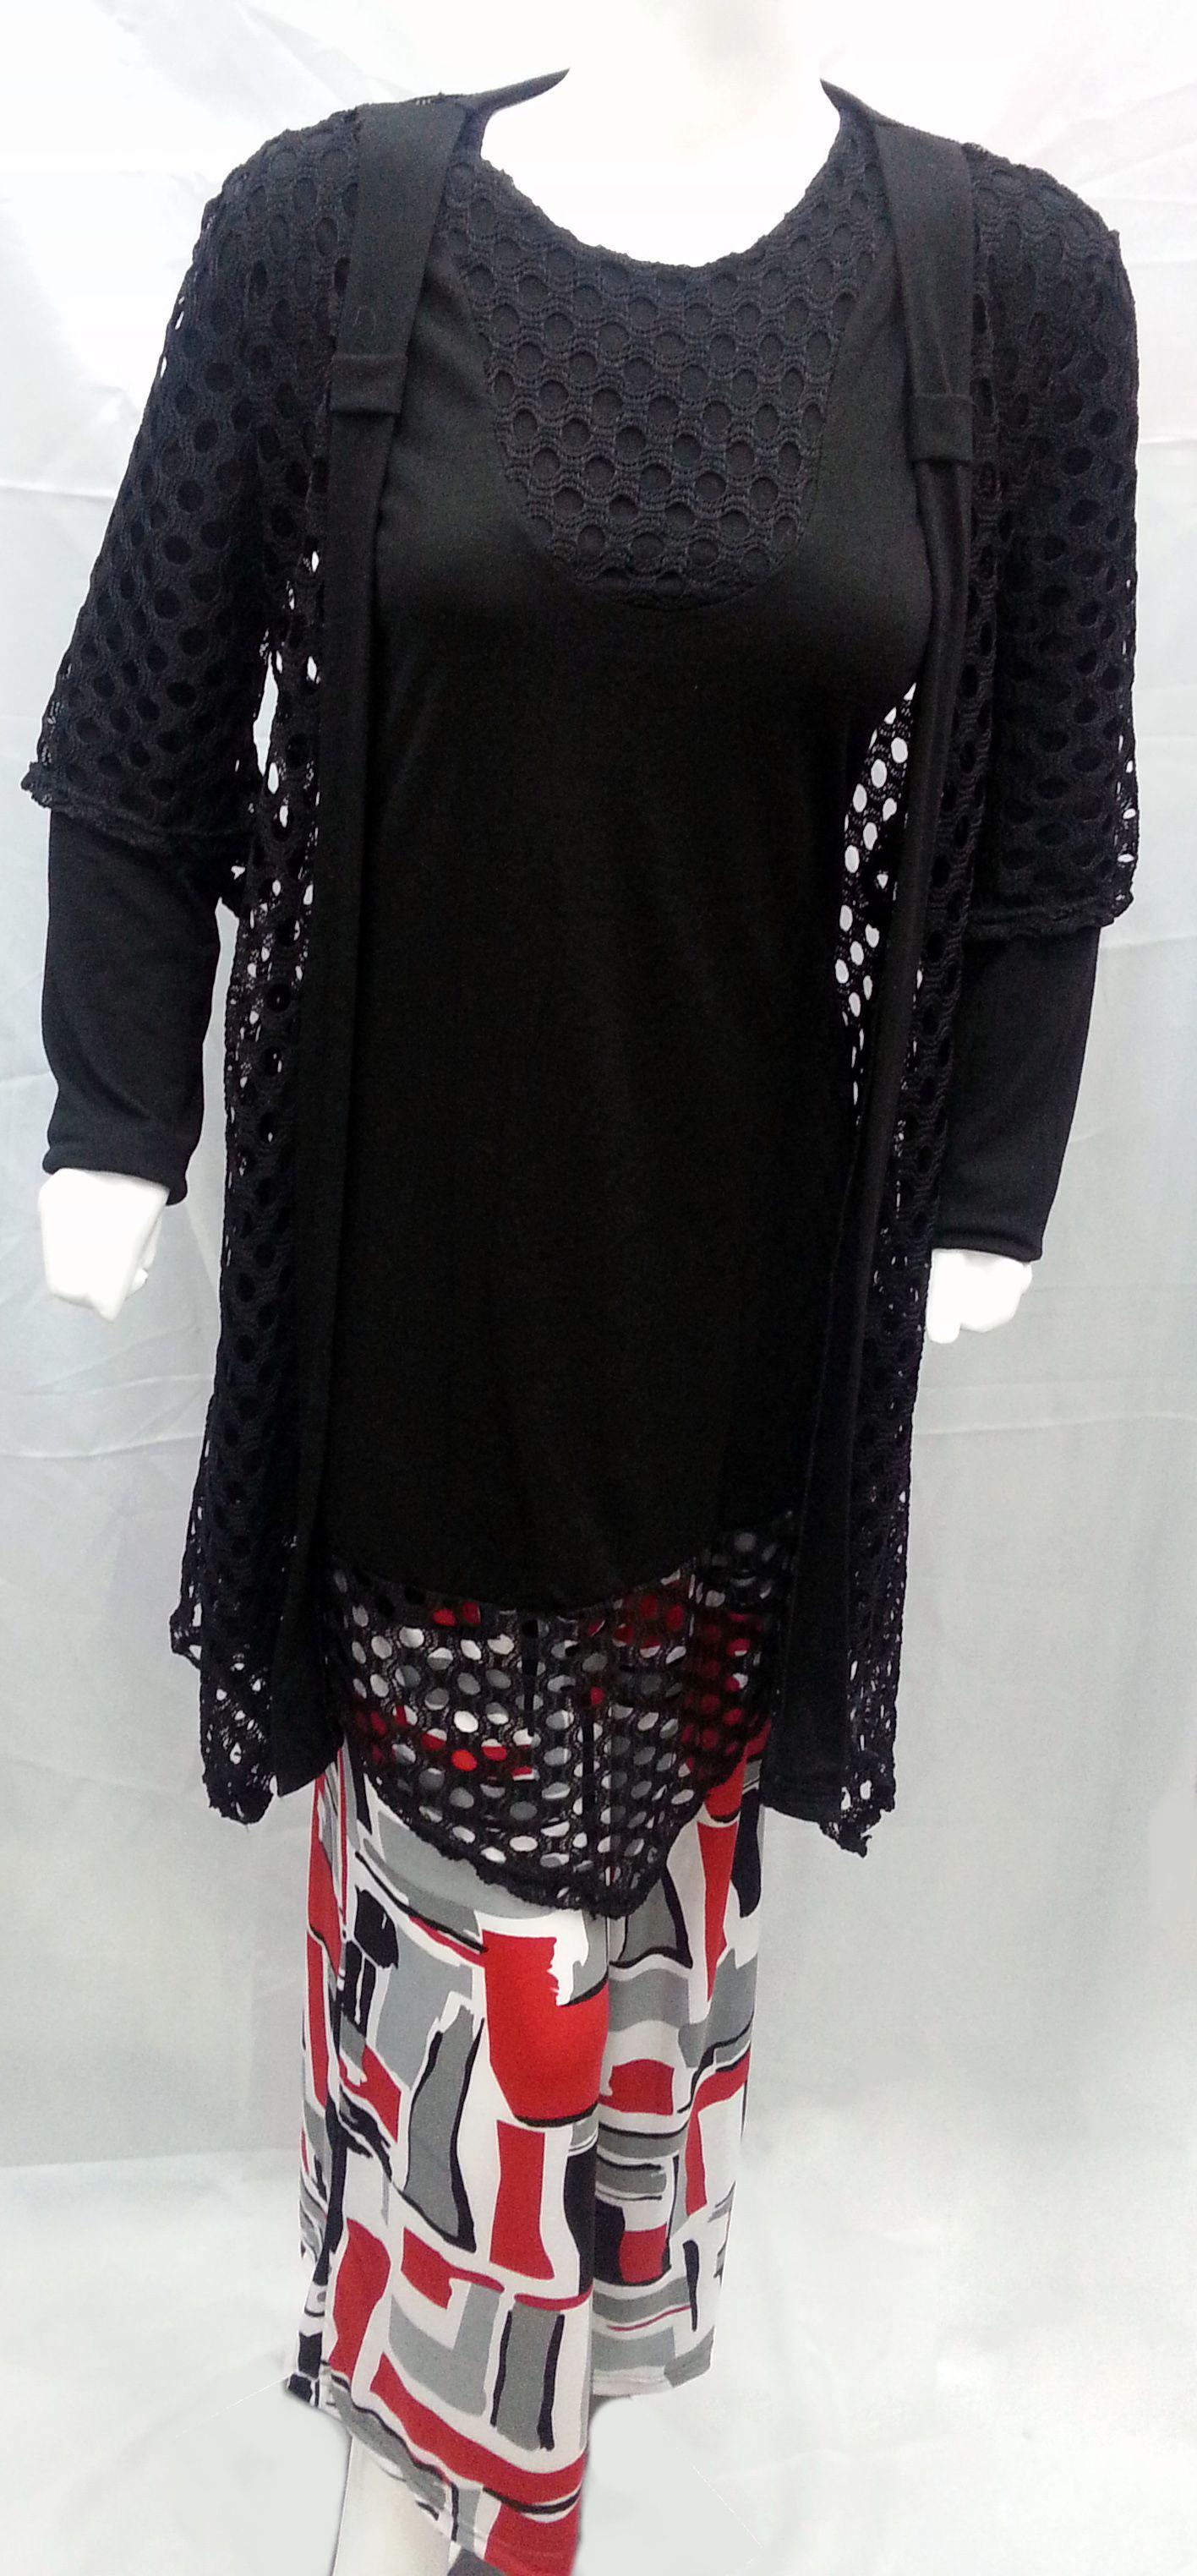 Shirt design with plazo - Shrug Stlye Mid Long Shirt With Printed Plazo Long Shirtsdesignsprinted